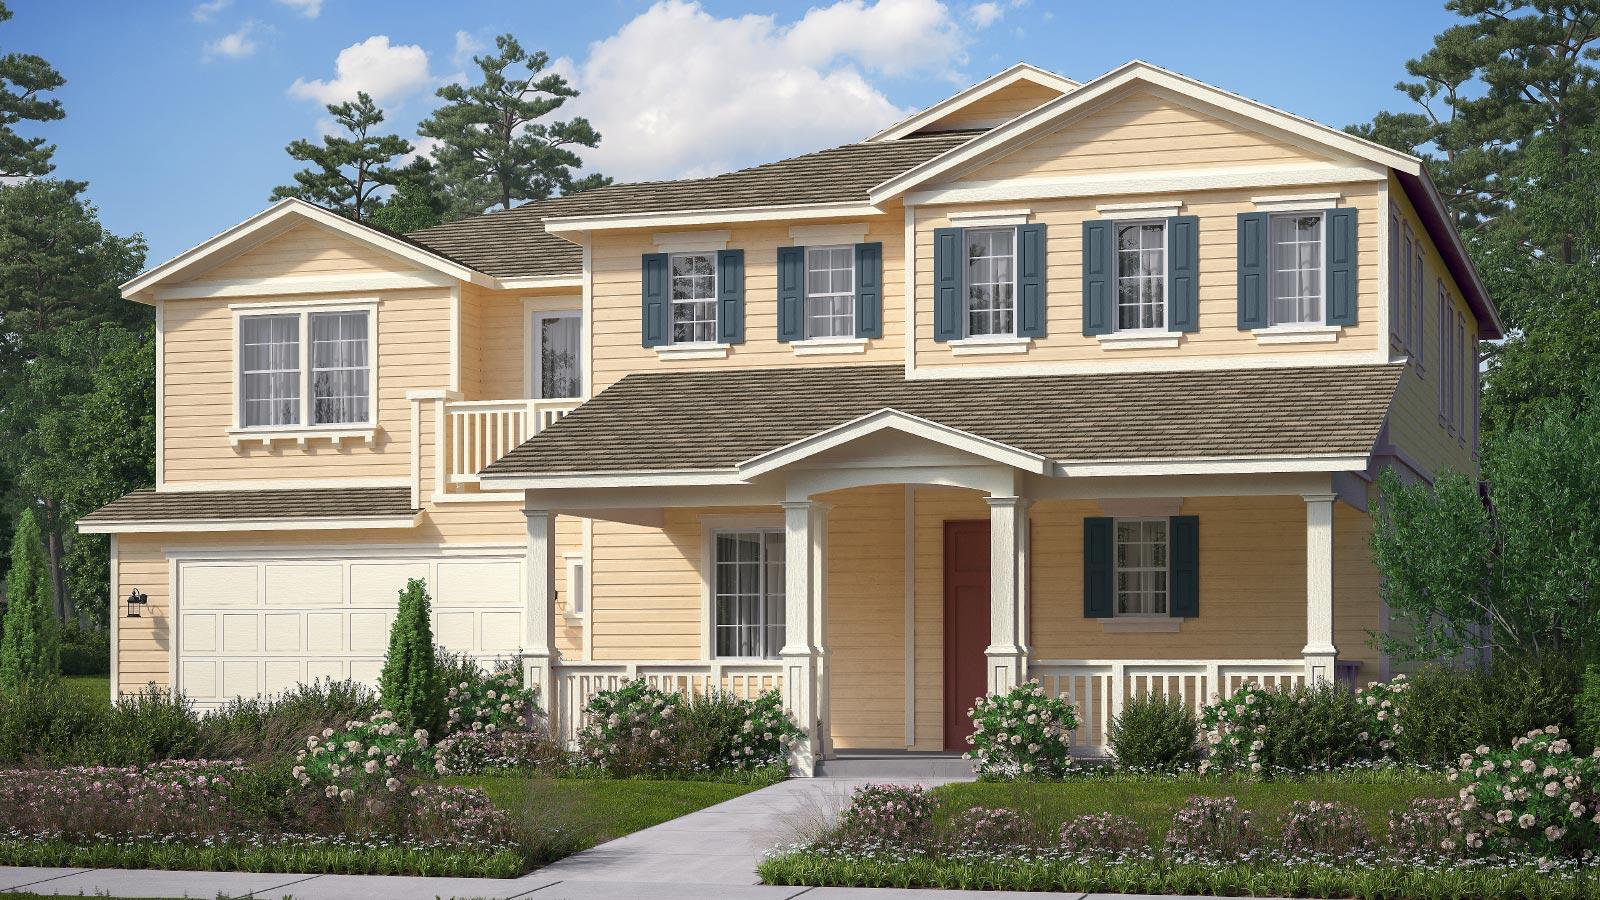 Residence 4E - Preliminary